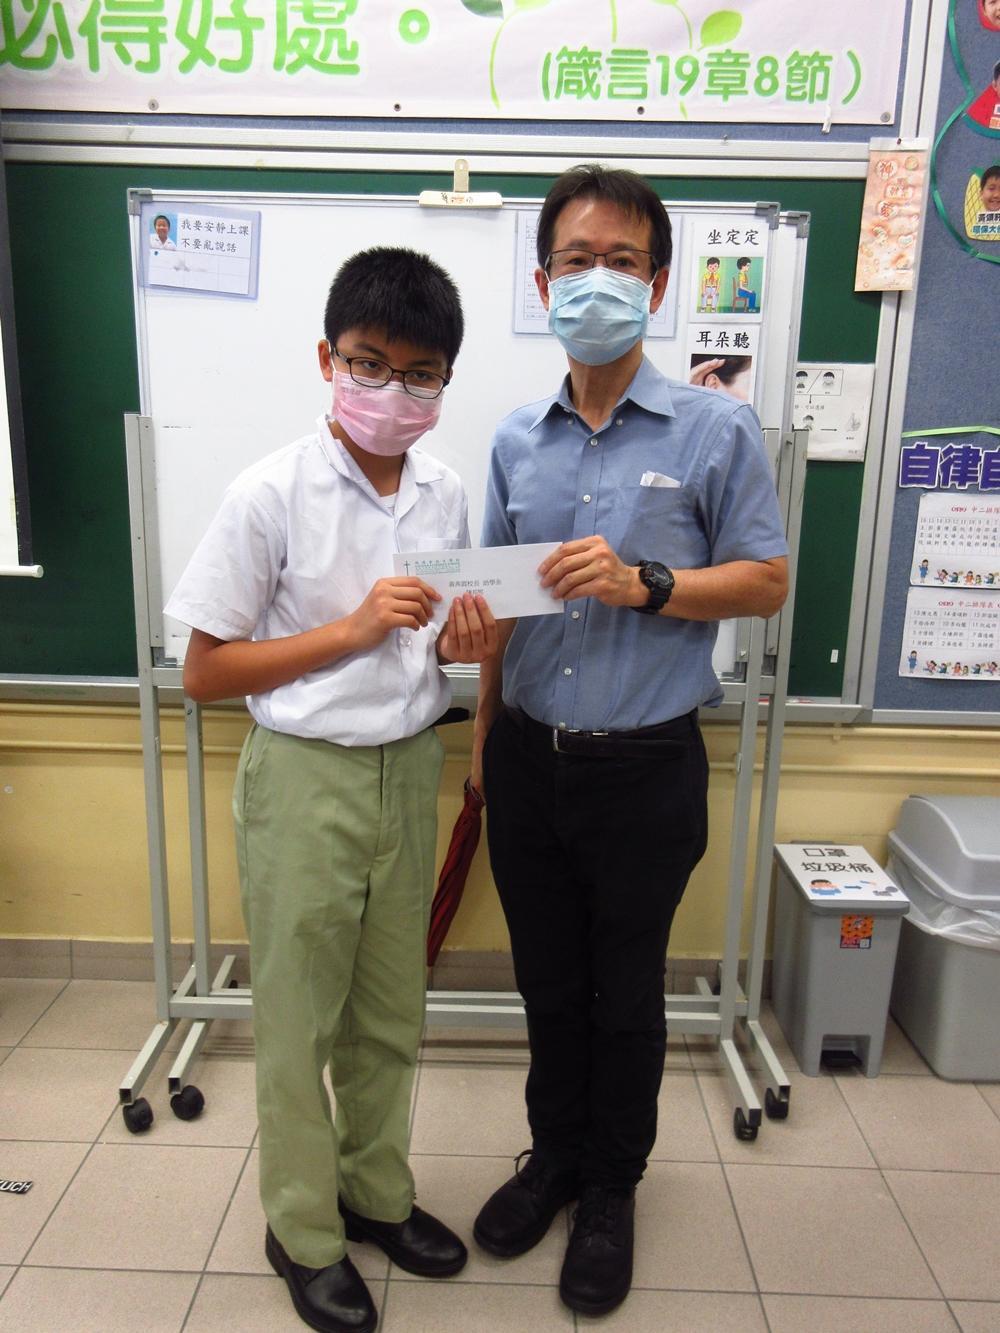 https://www.sls.edu.hk/sites/default/files/04_200622_005.jpg